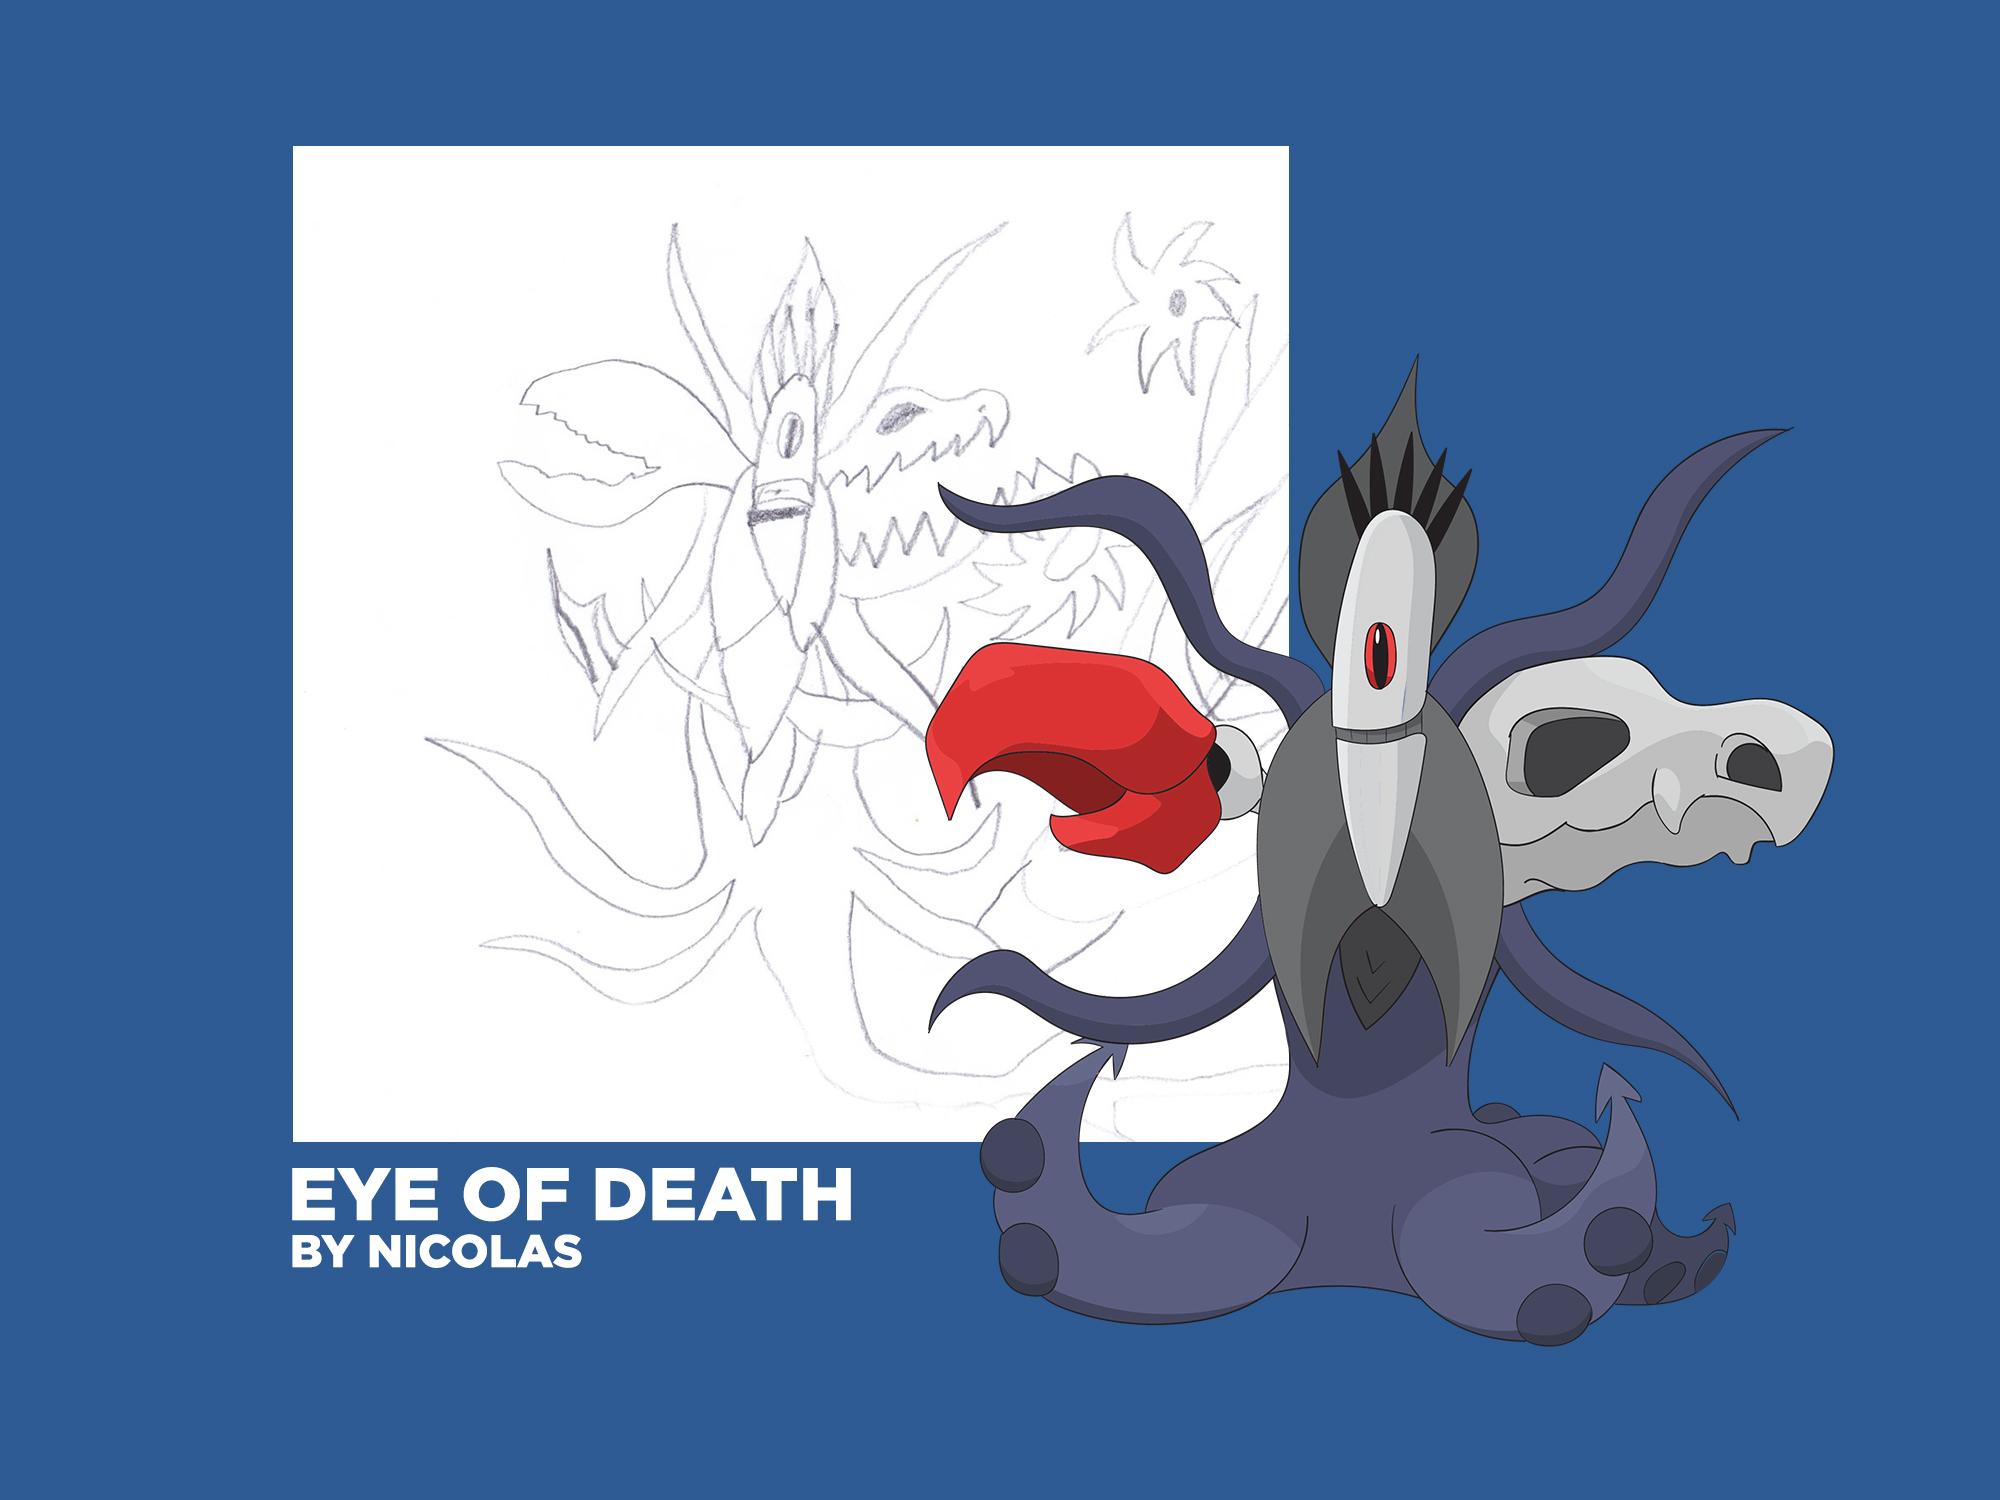 eye of death site